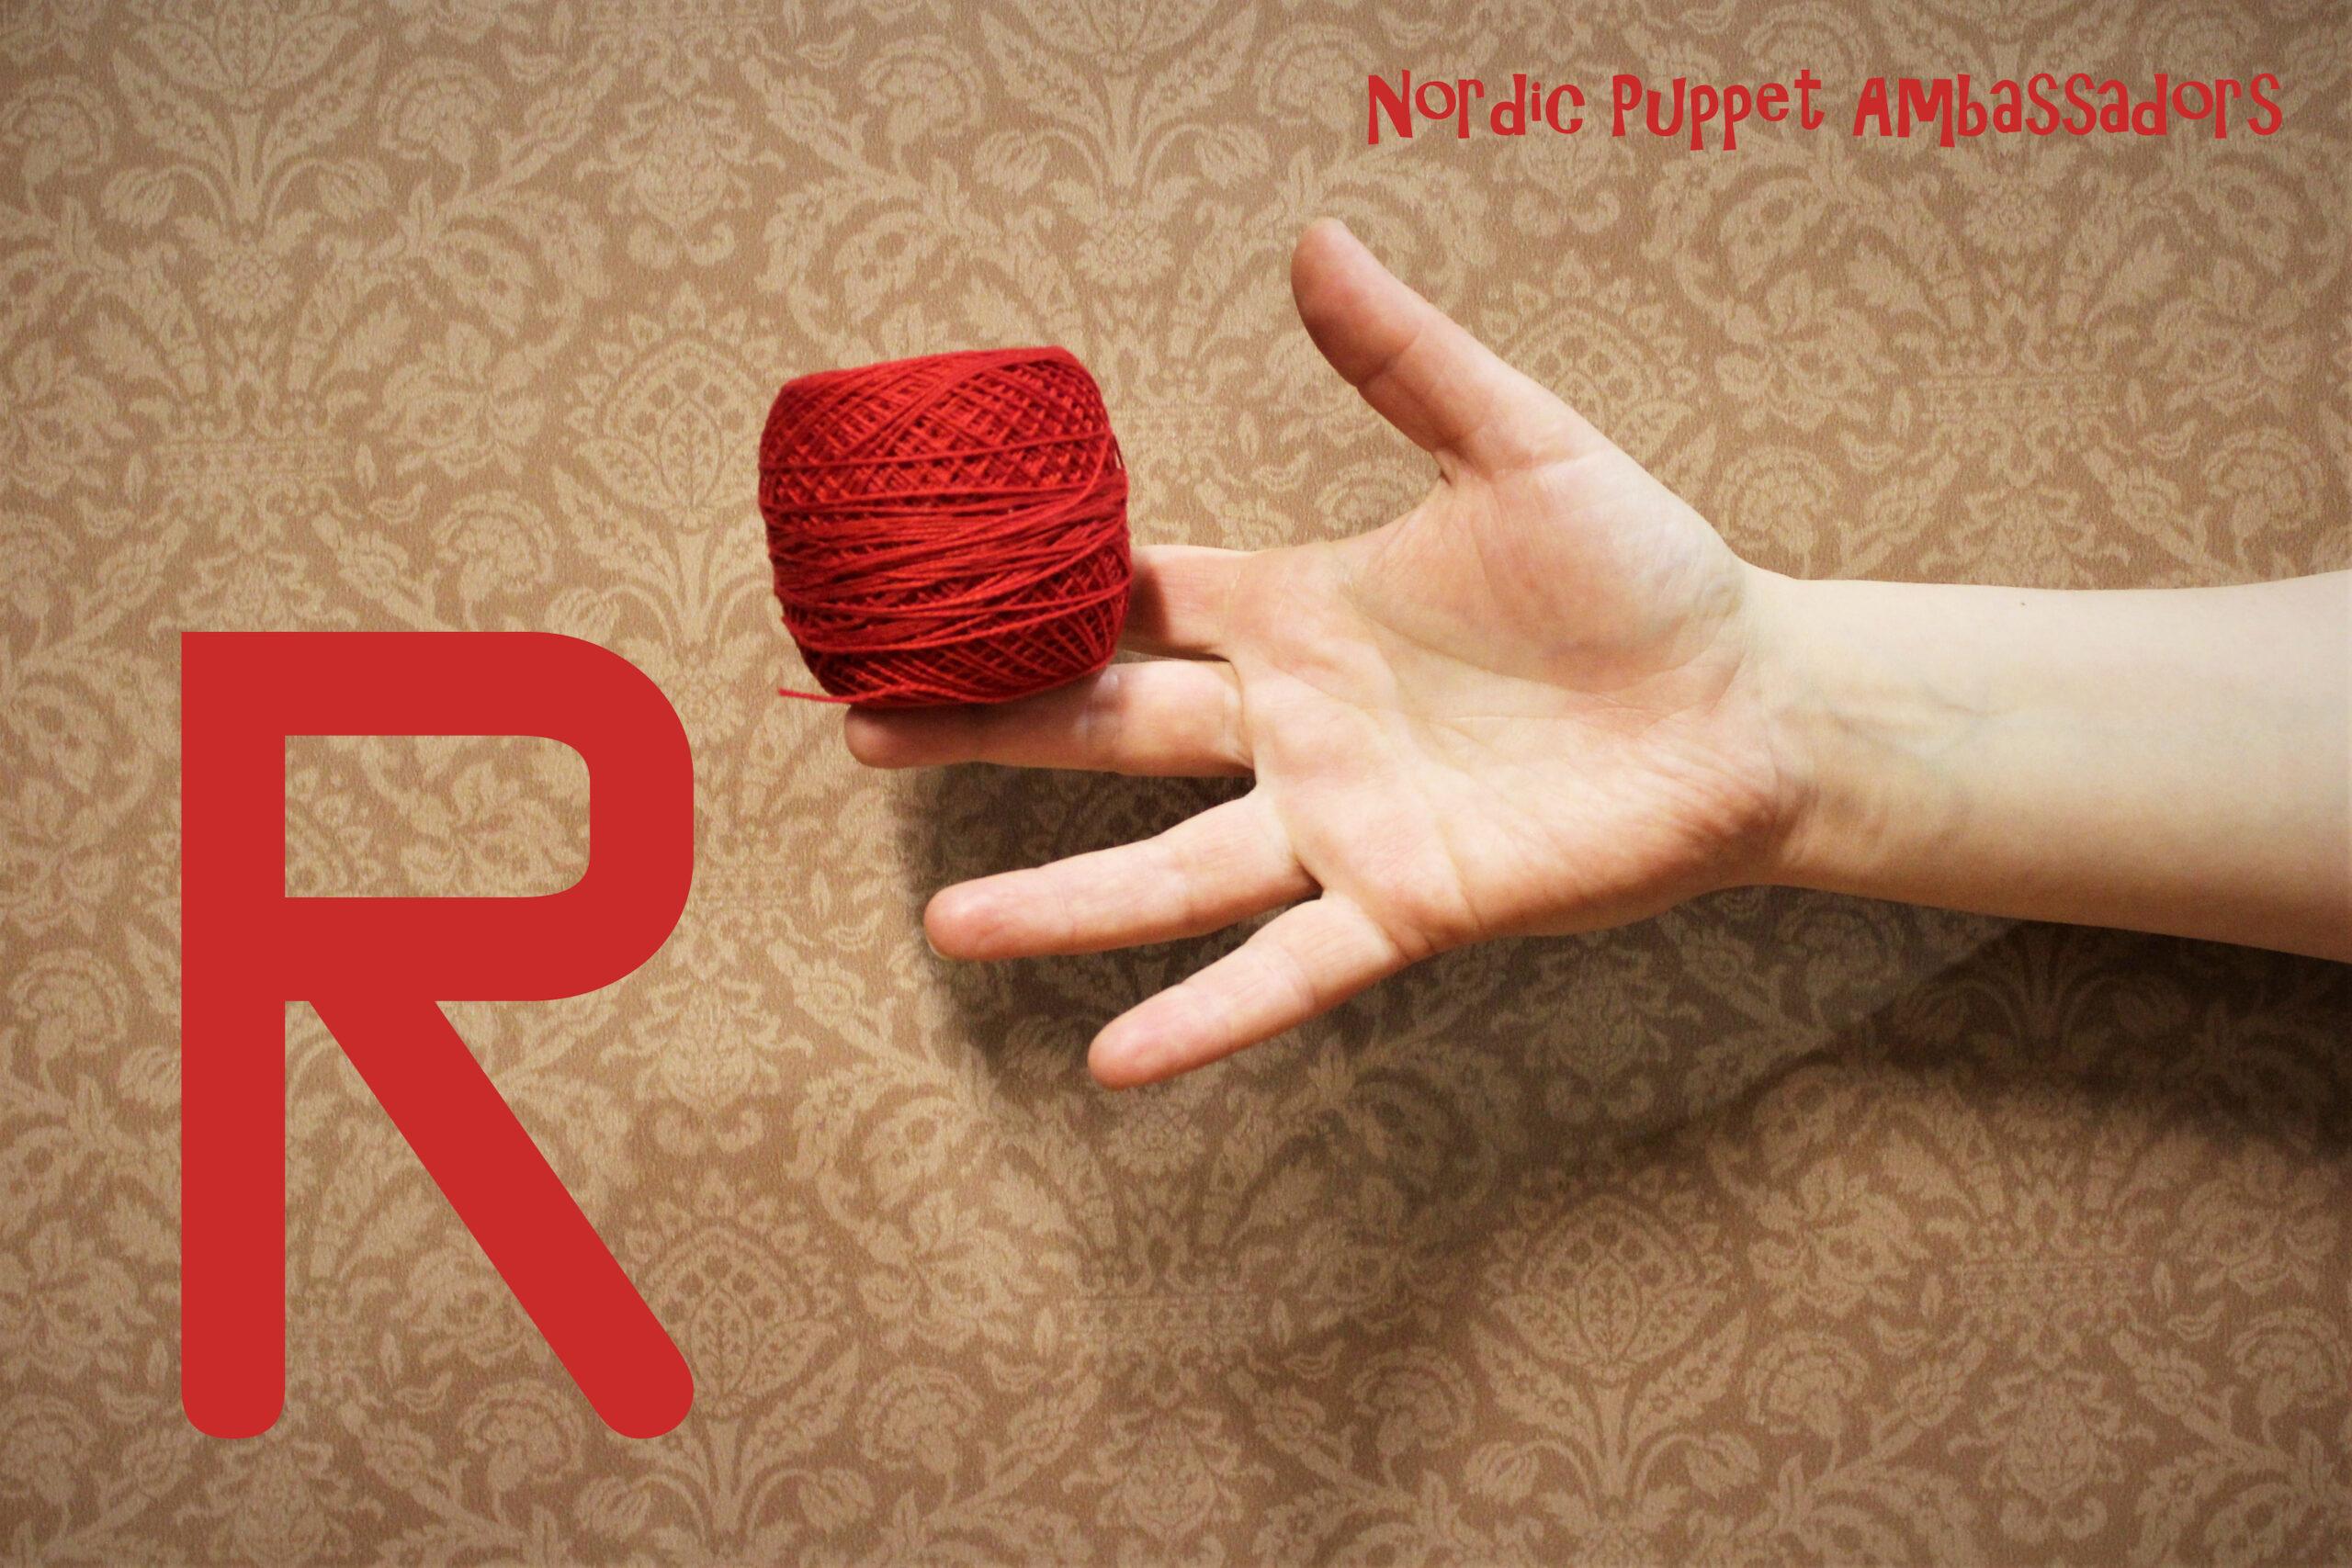 Esityksen kuva: lankakerä kädessä ja R-kirjain